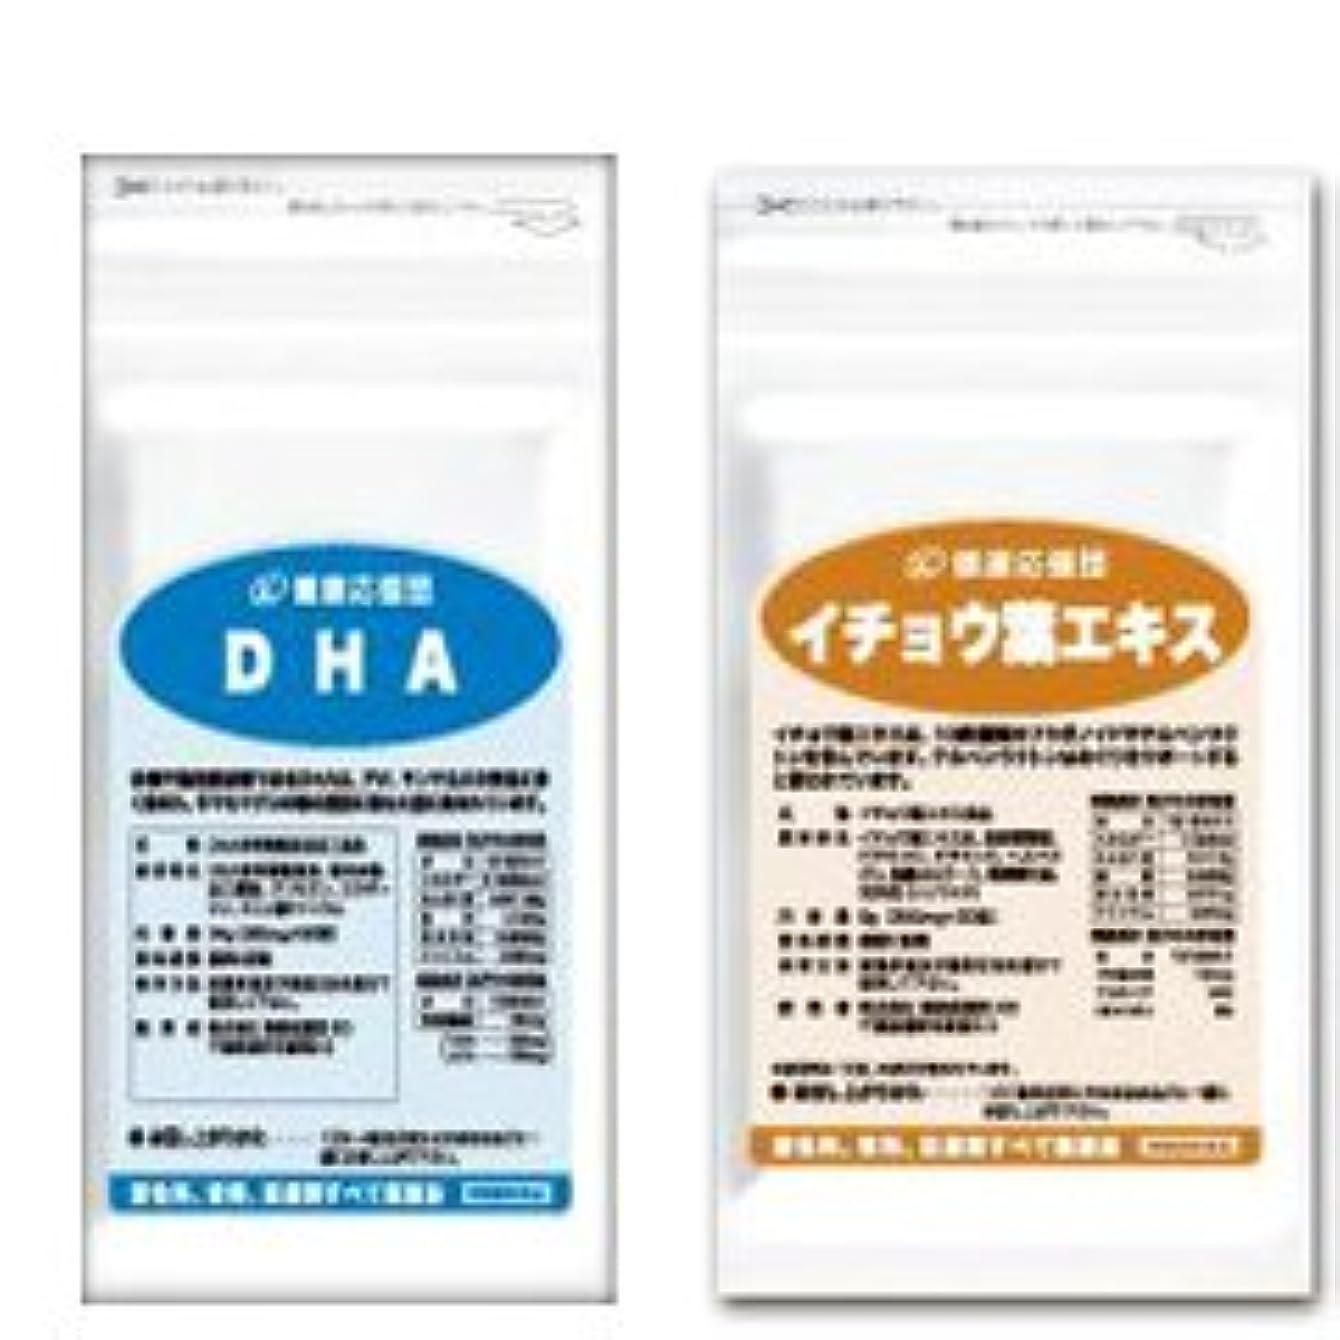 瞬時に精査するプロット(お徳用6か月分)サラサラ巡りセット DHA + イチョウ葉エキス 6袋セット (DHA?EPA?イチョウ葉?ビタミンC?ビタミンE?ビタミンP配合)